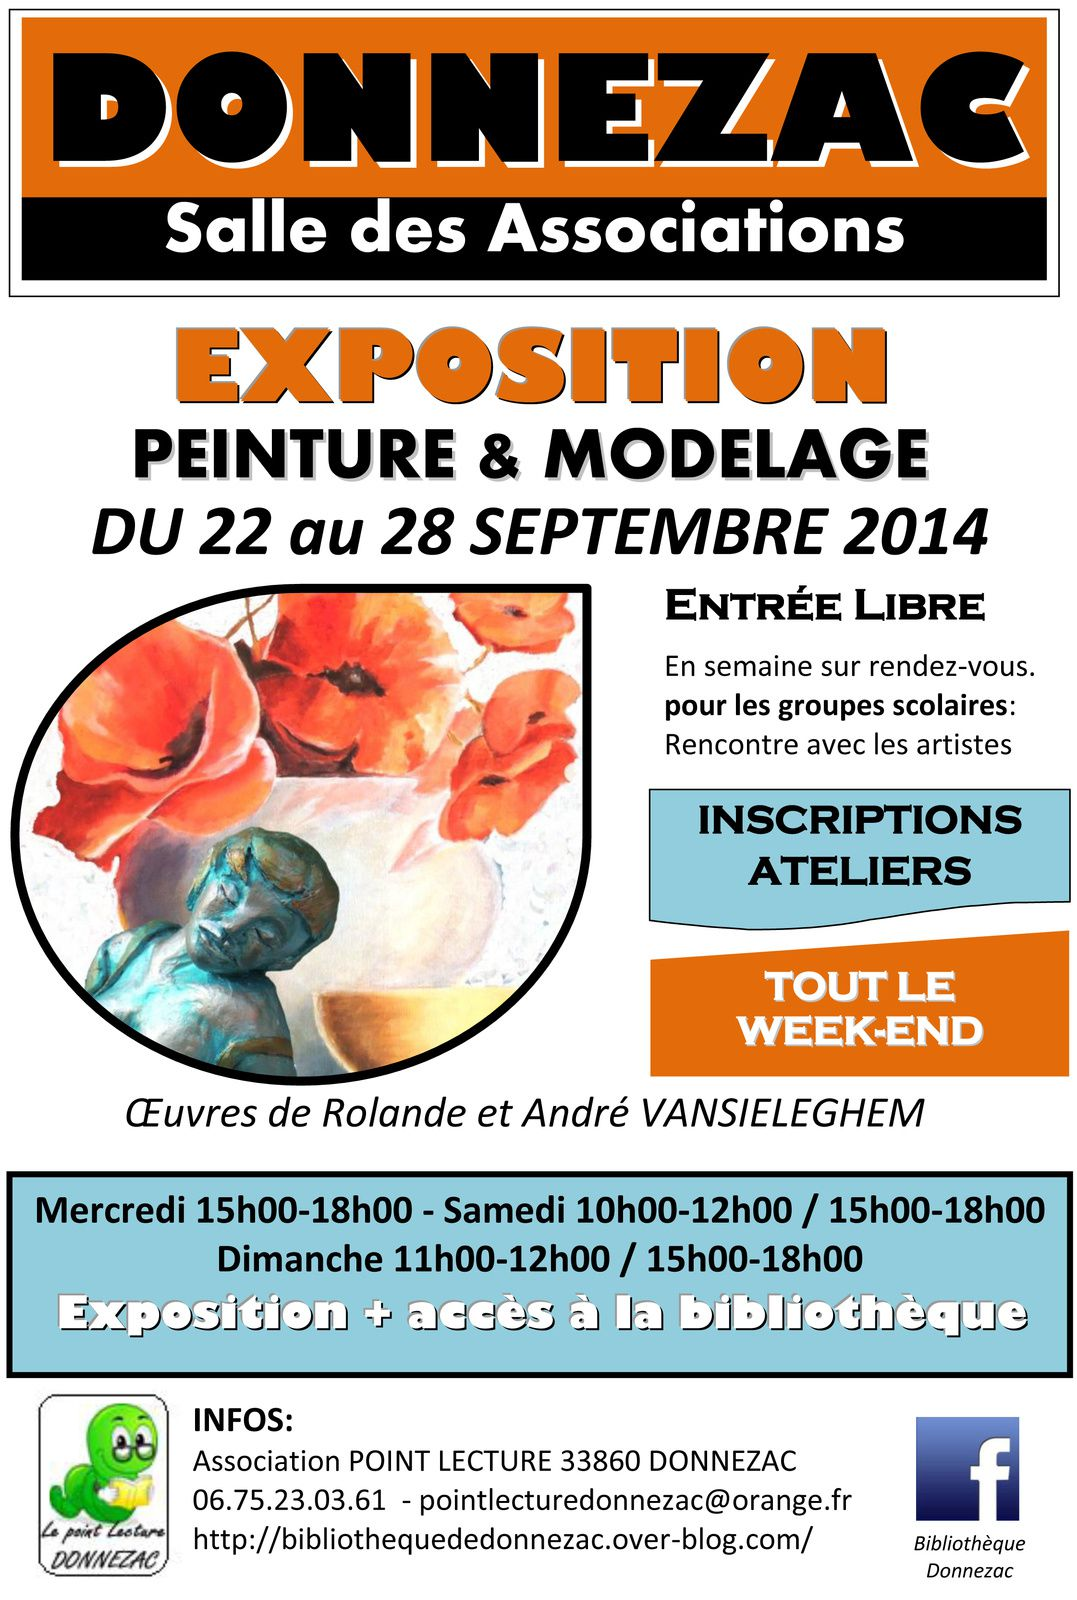 Exposition Peinture et Modelage à DONNEZAC et ATELIERS